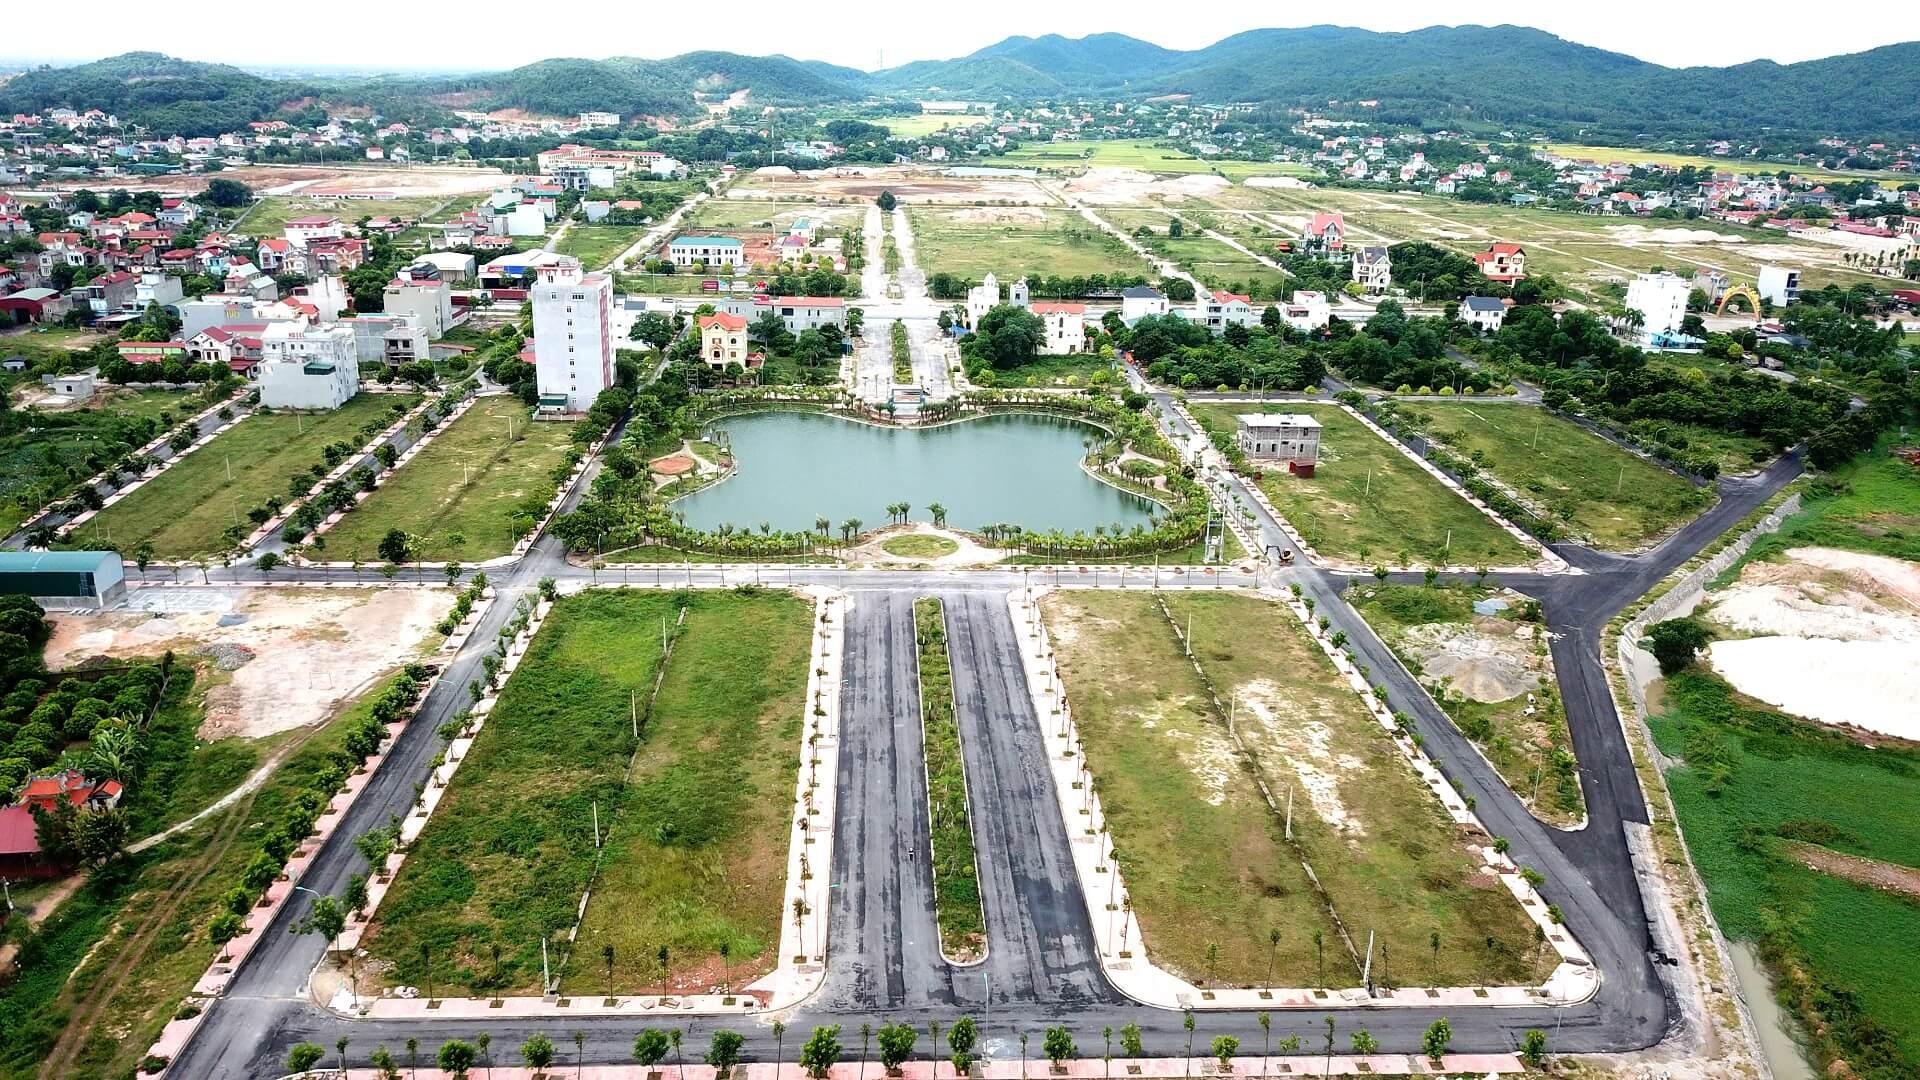 hình ảnh thực tế dự án chí linh palm city